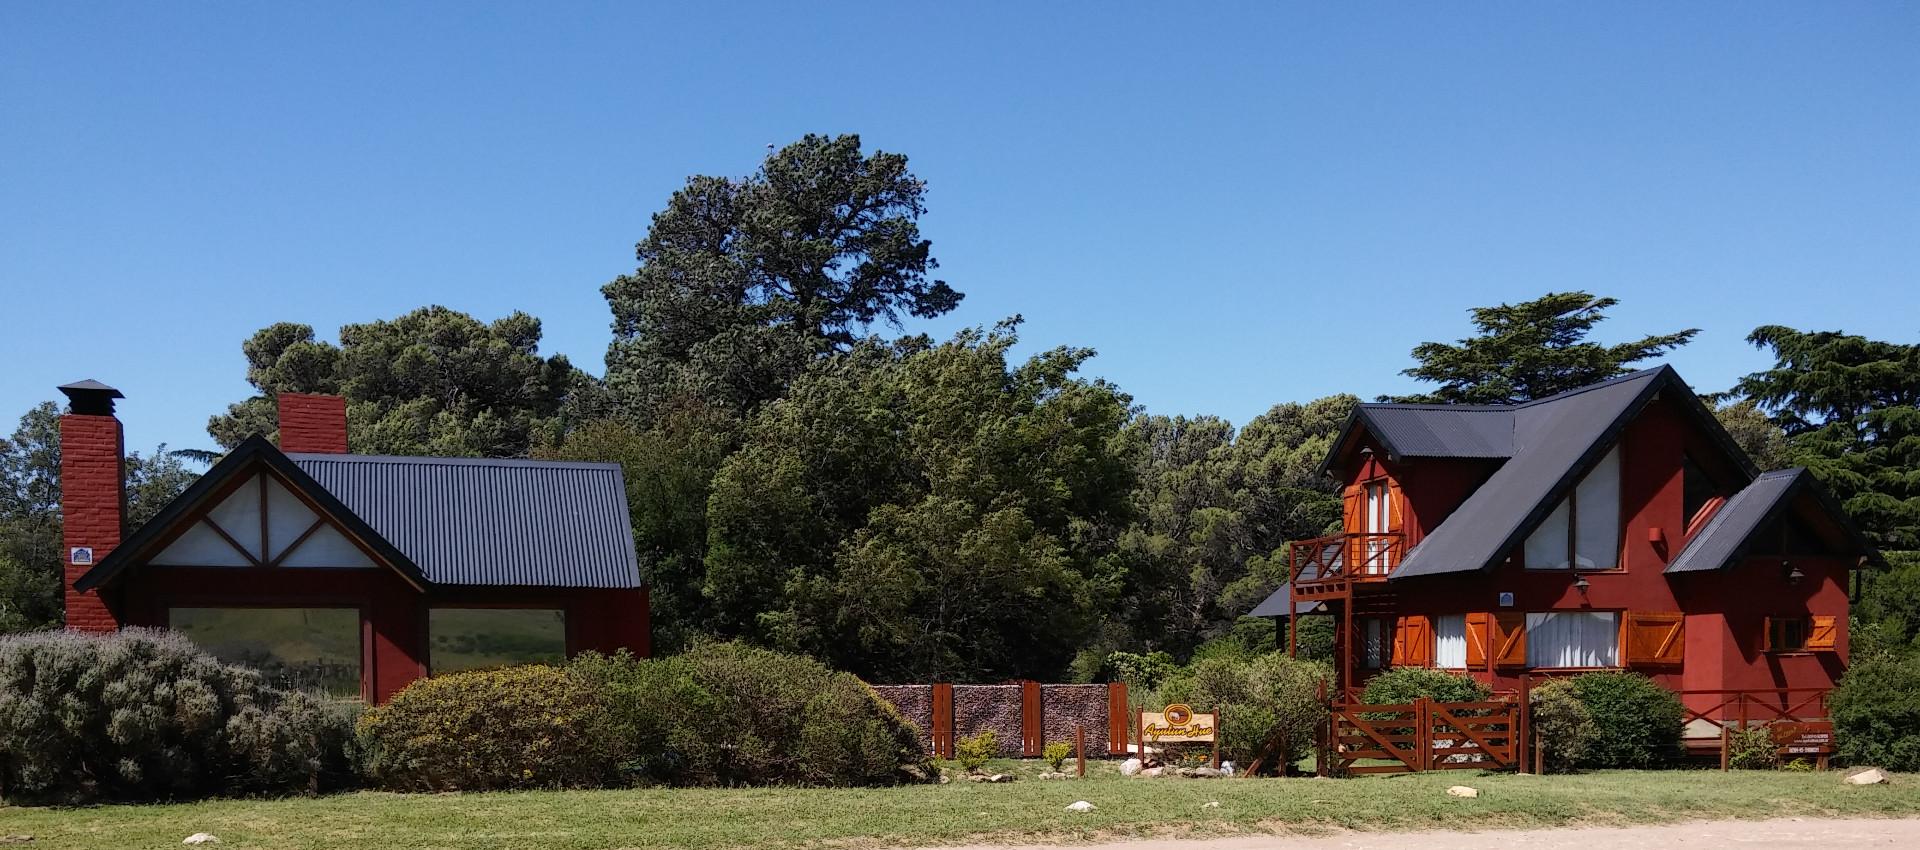 Cabaña Ayutun Hue en el punto panorámico de Villa Ventana, frente al Cerro Napostá